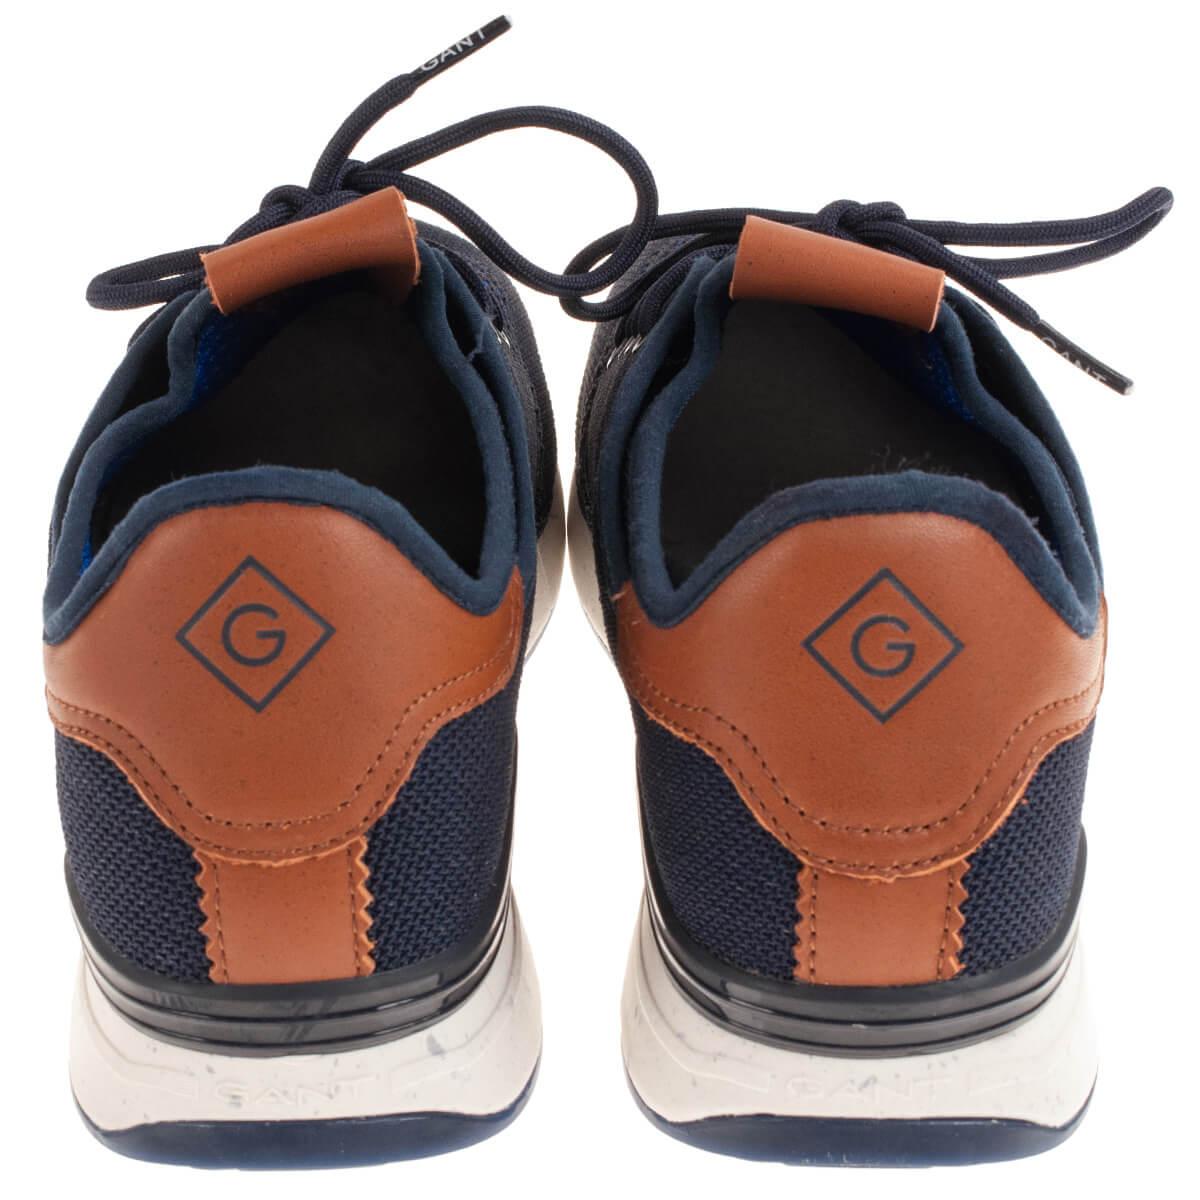 Details zu Gant Herren Schuhe Sneaker Turnschuhe Schnürschuhe Freizeitschuhe Atlanta Mesh